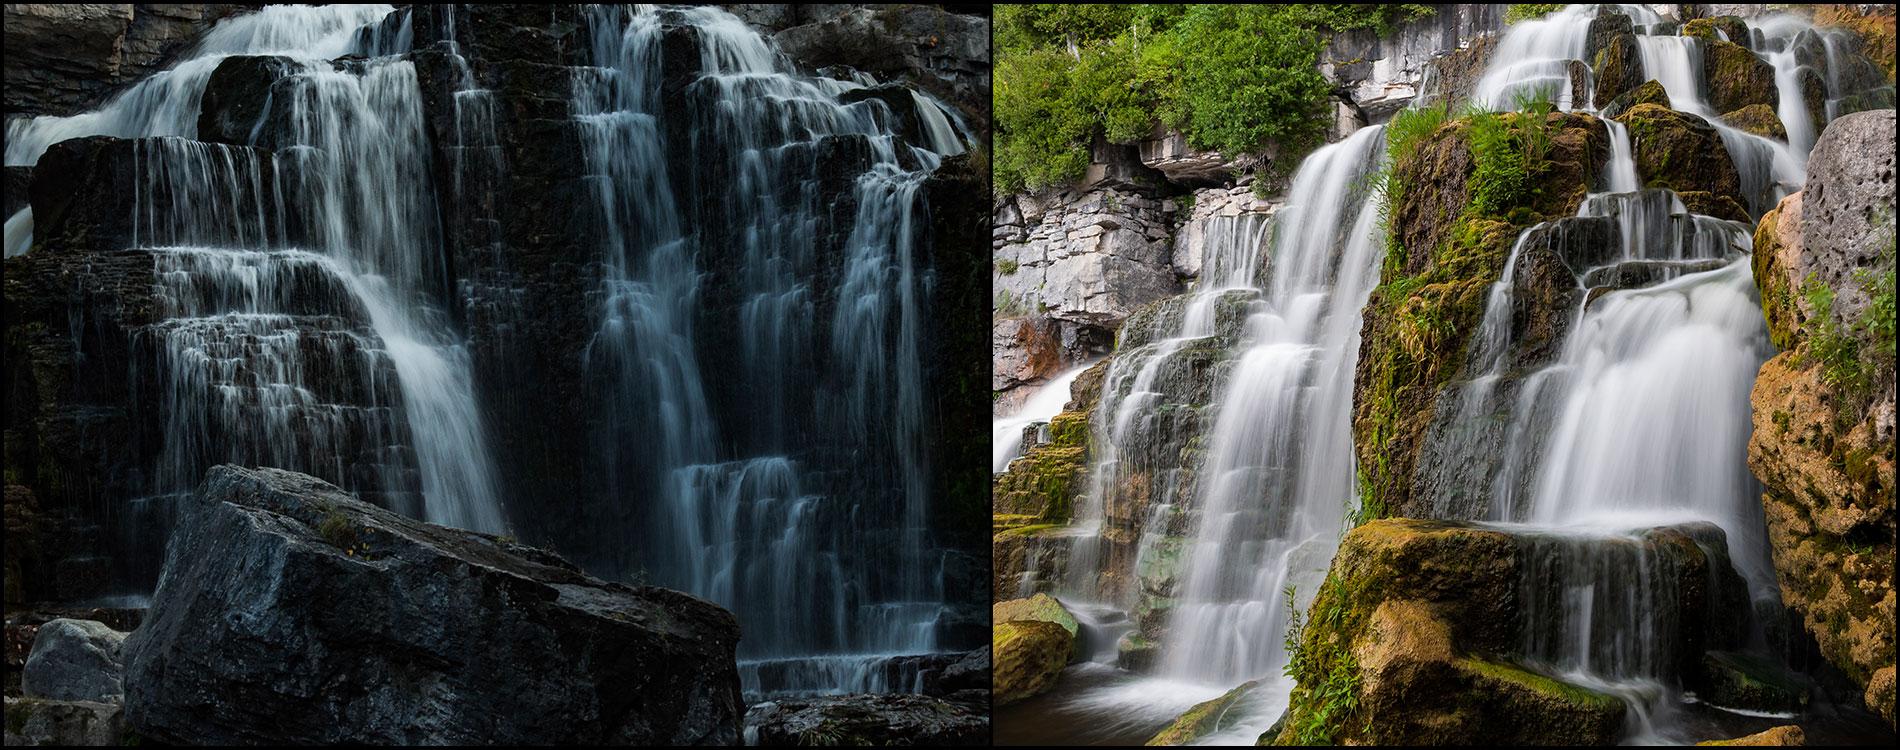 waterfalls_1900x750